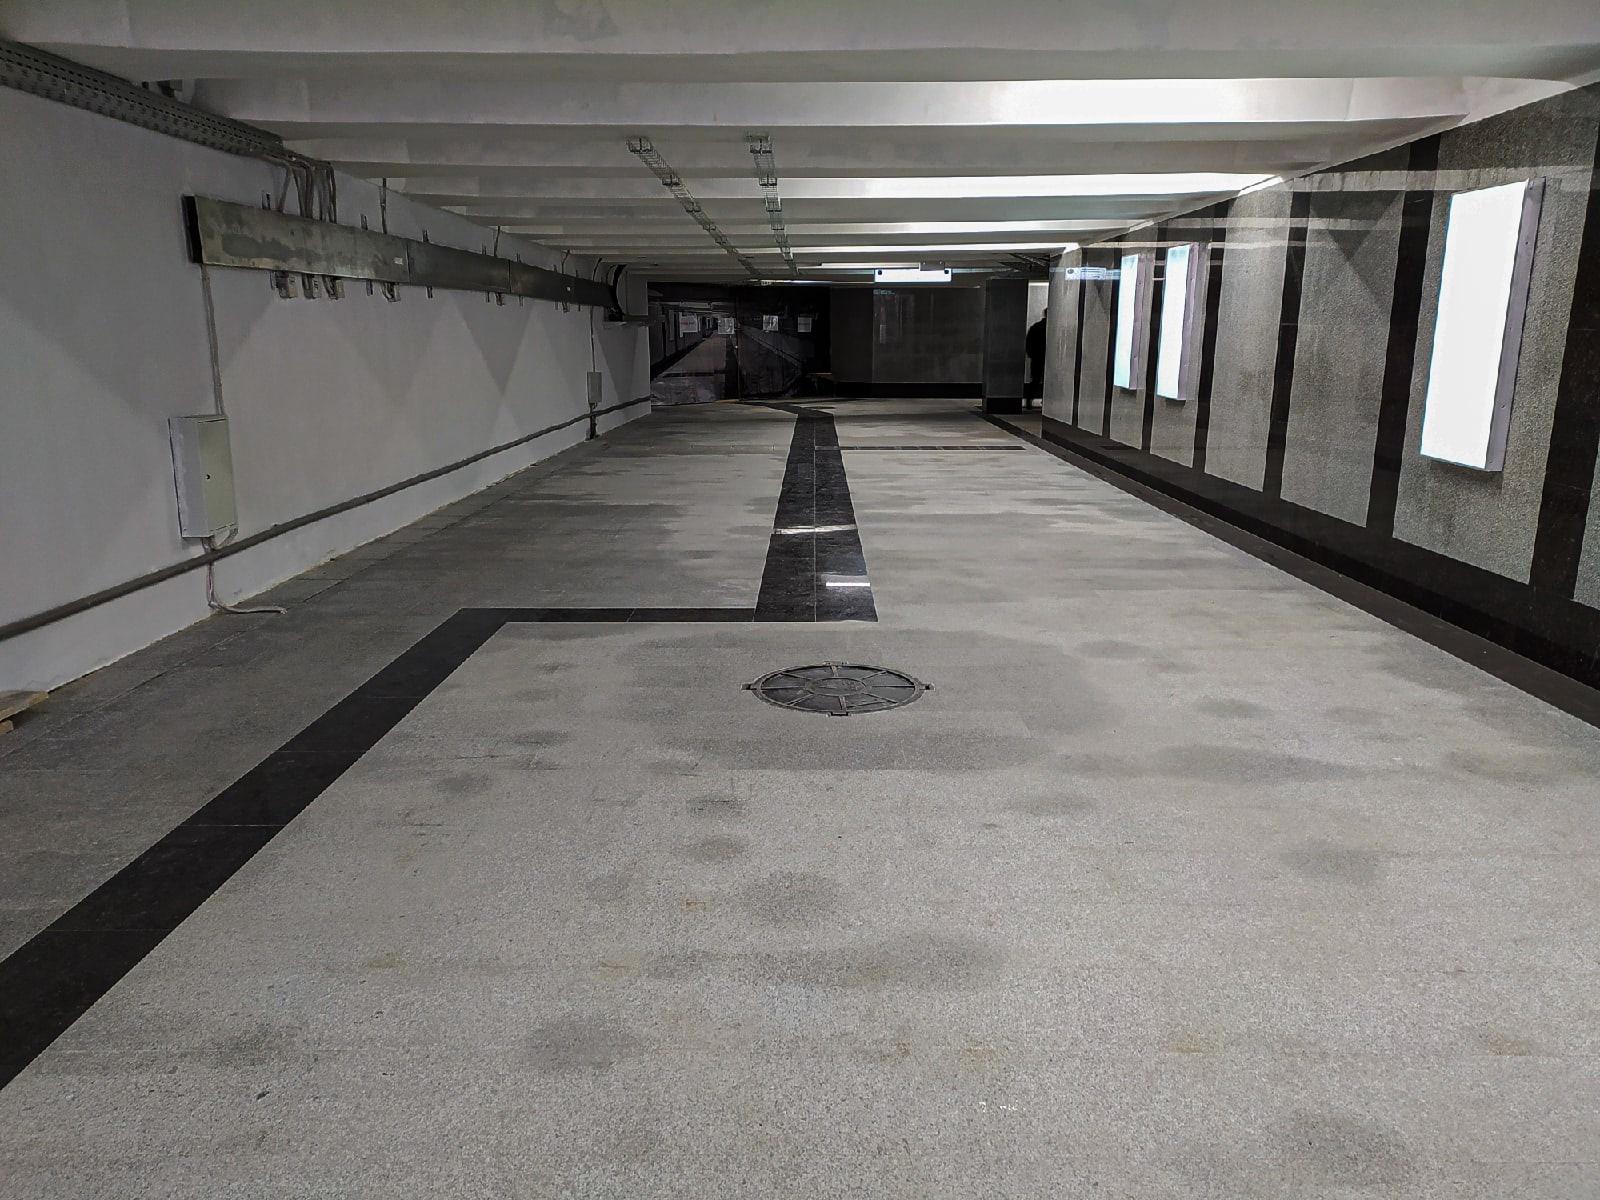 фото Подземный переход открыли на Красном проспекте в Новосибирске: 9 фото после реконструкции 2